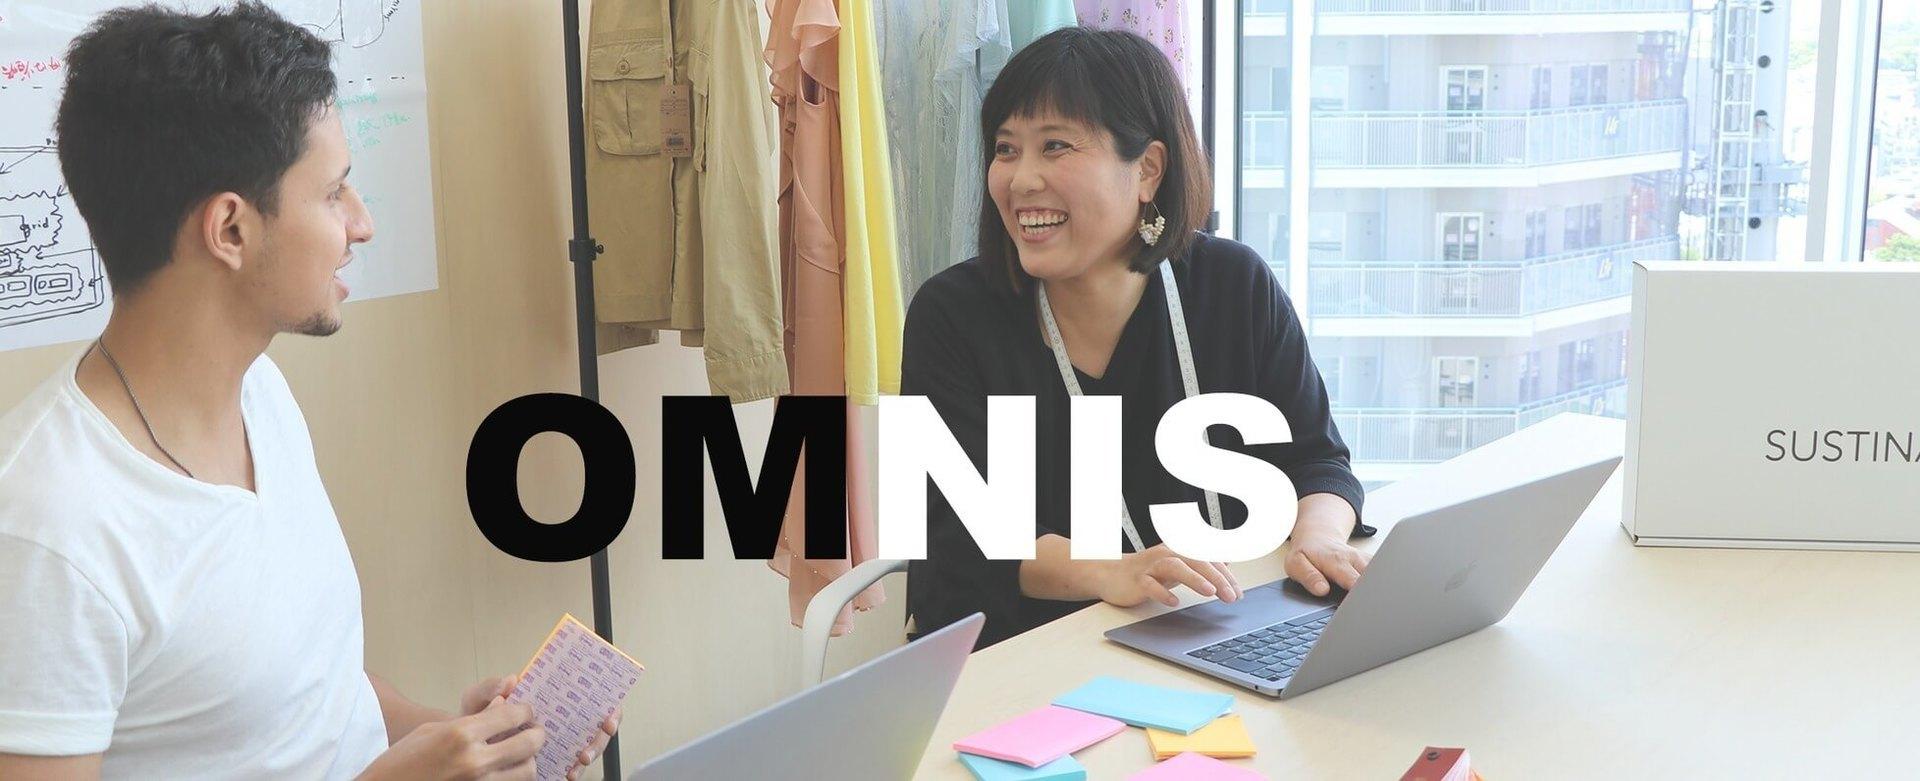 総合ファッションテック企業の新規サービス企画に挑戦したい方募集!のカバー写真